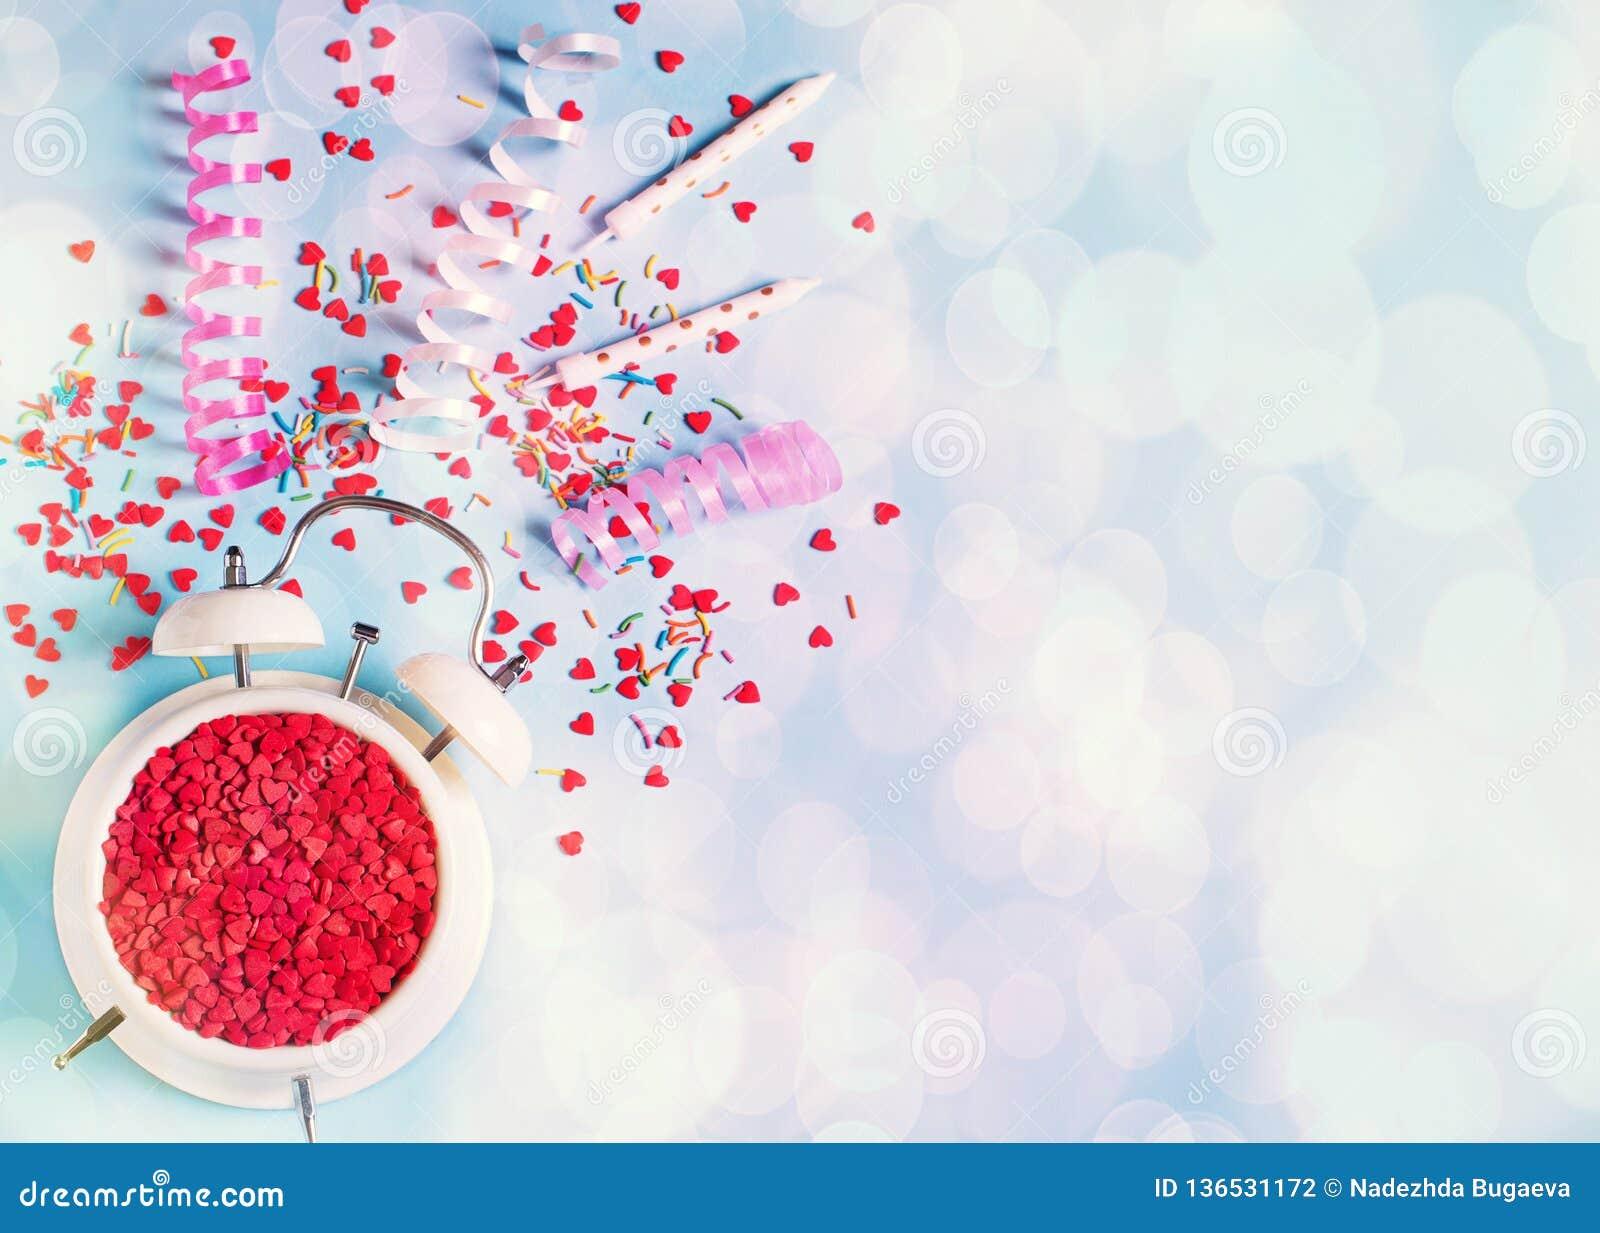 Begrepp av födelsedag-, valentin- och partitid på blå pastellfärgad bakground med larmet